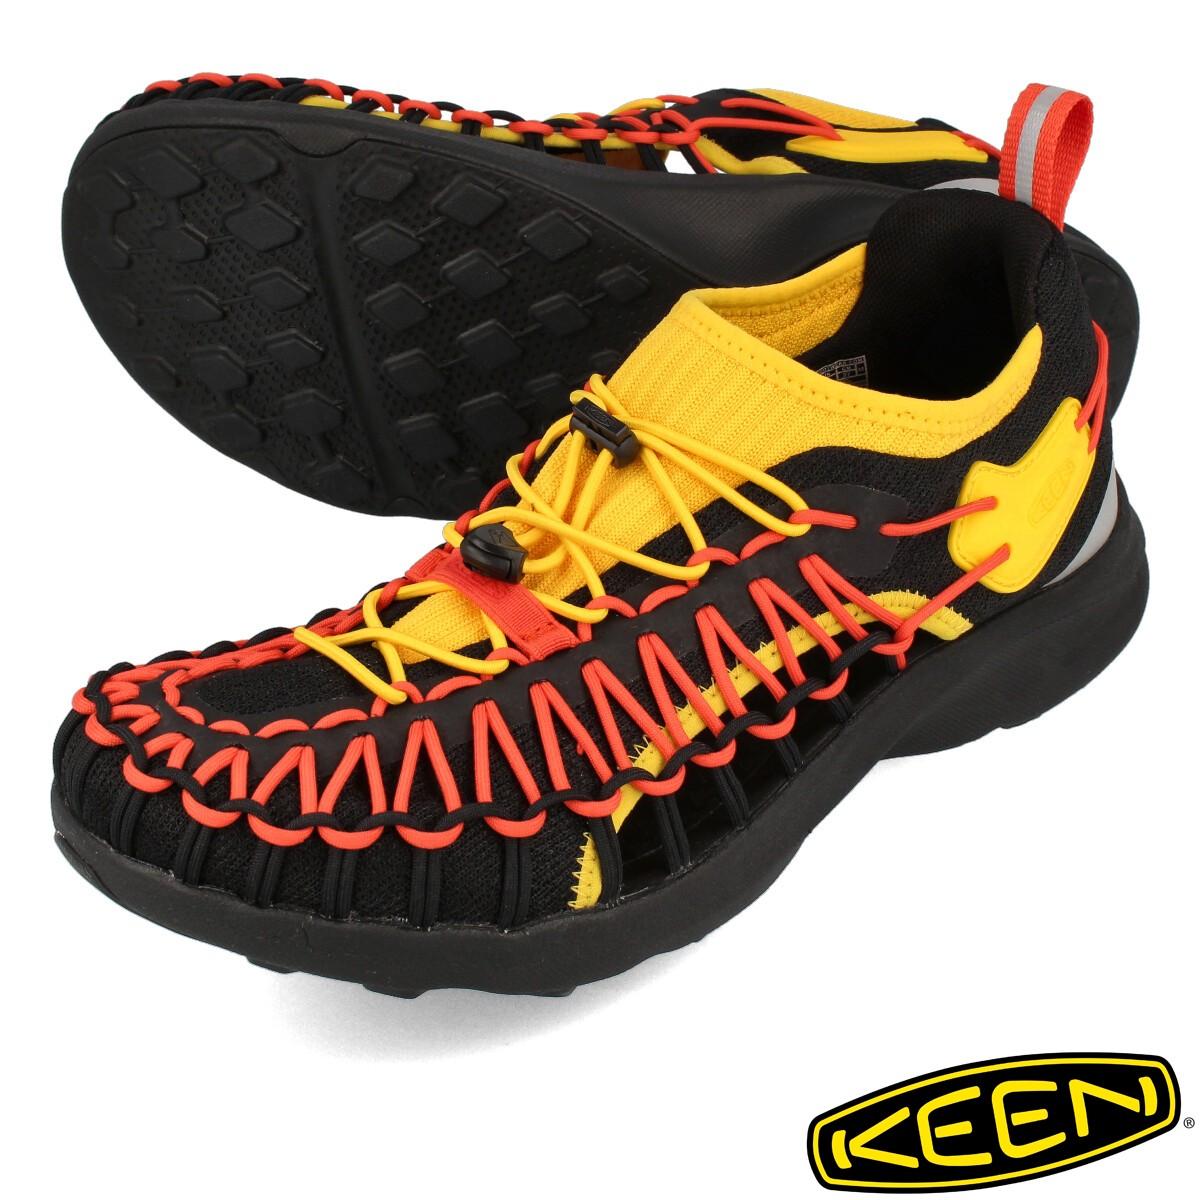 送料無料 KEEN SEAL限定商品 キーン TIMAI ティマイ スニーカー 靴 メンズ ハイキング アウトドア 登山 イエロー 黄色 水 SNK MEN B.E.A.R スニーク 3月17日 メン THE 1024680 スーパーSALE セール期間限定 P ユニーク 発売 UNEEK